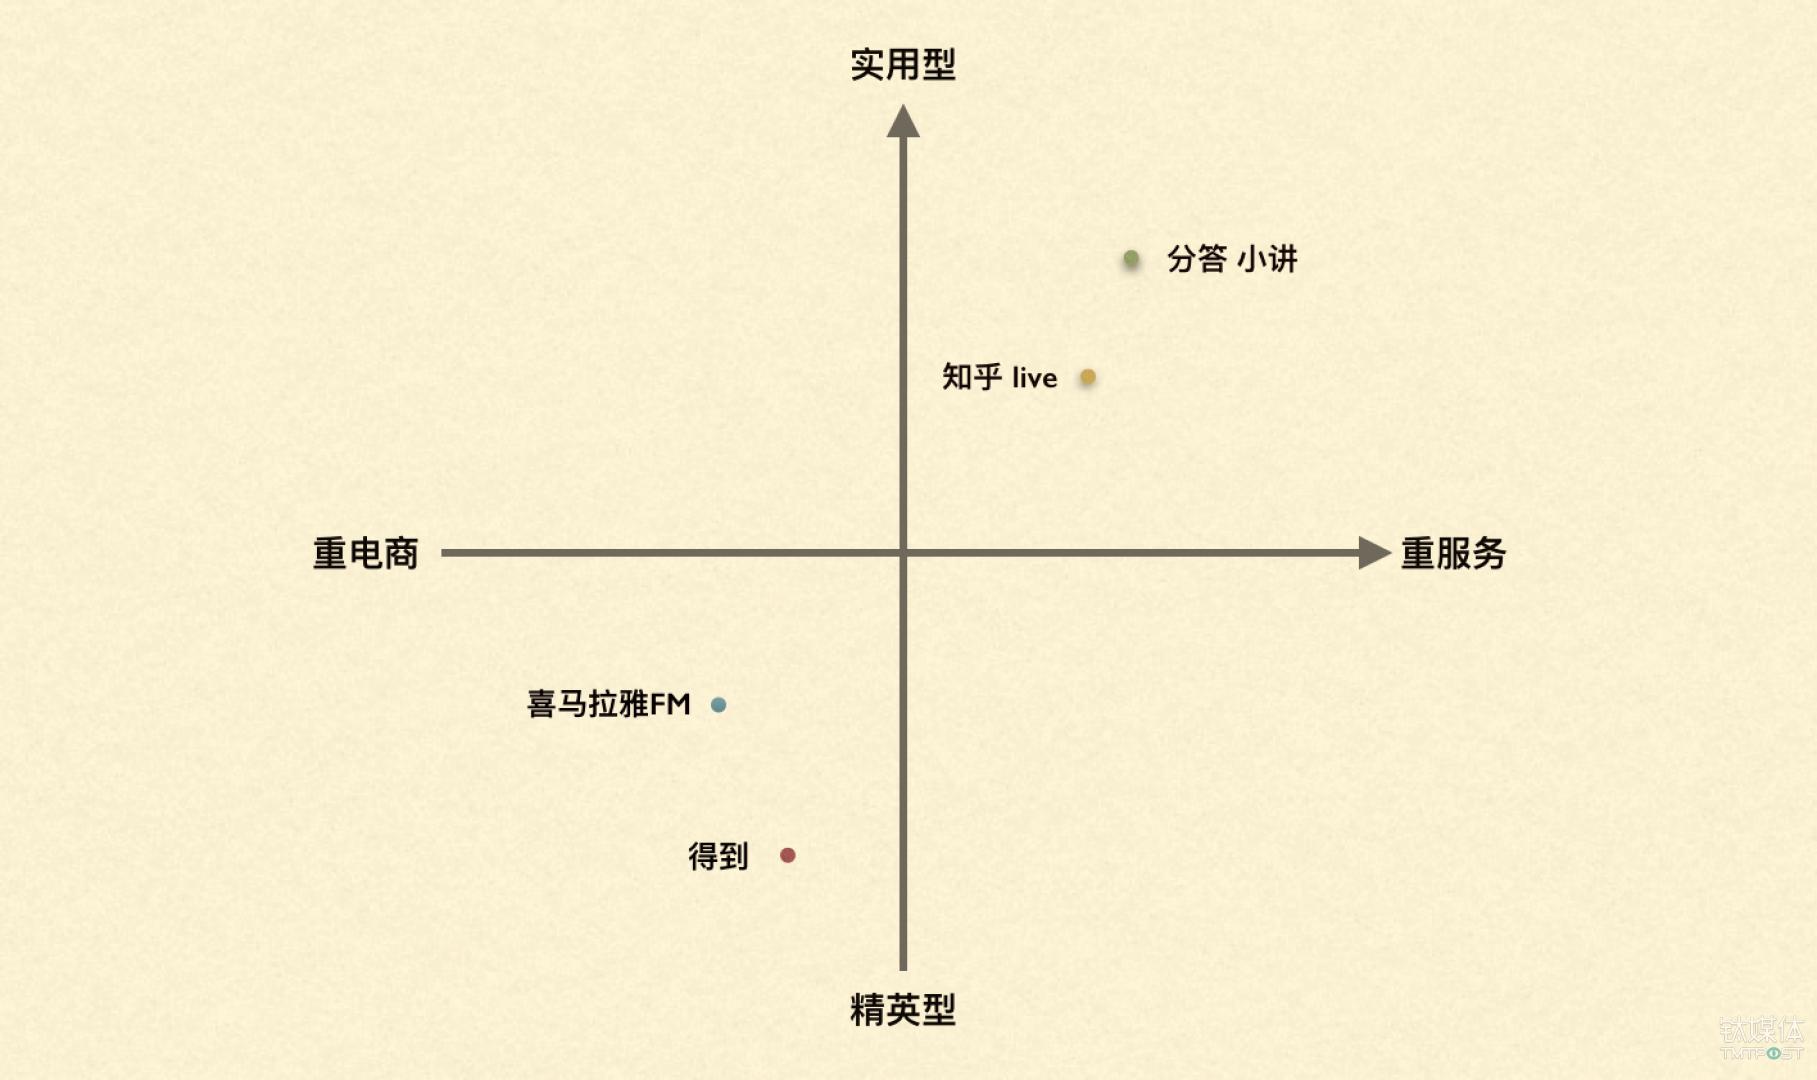 鈦媒體用 2X2 四大象限來定義當下的知識付費市場格局(制圖:鈦媒體)